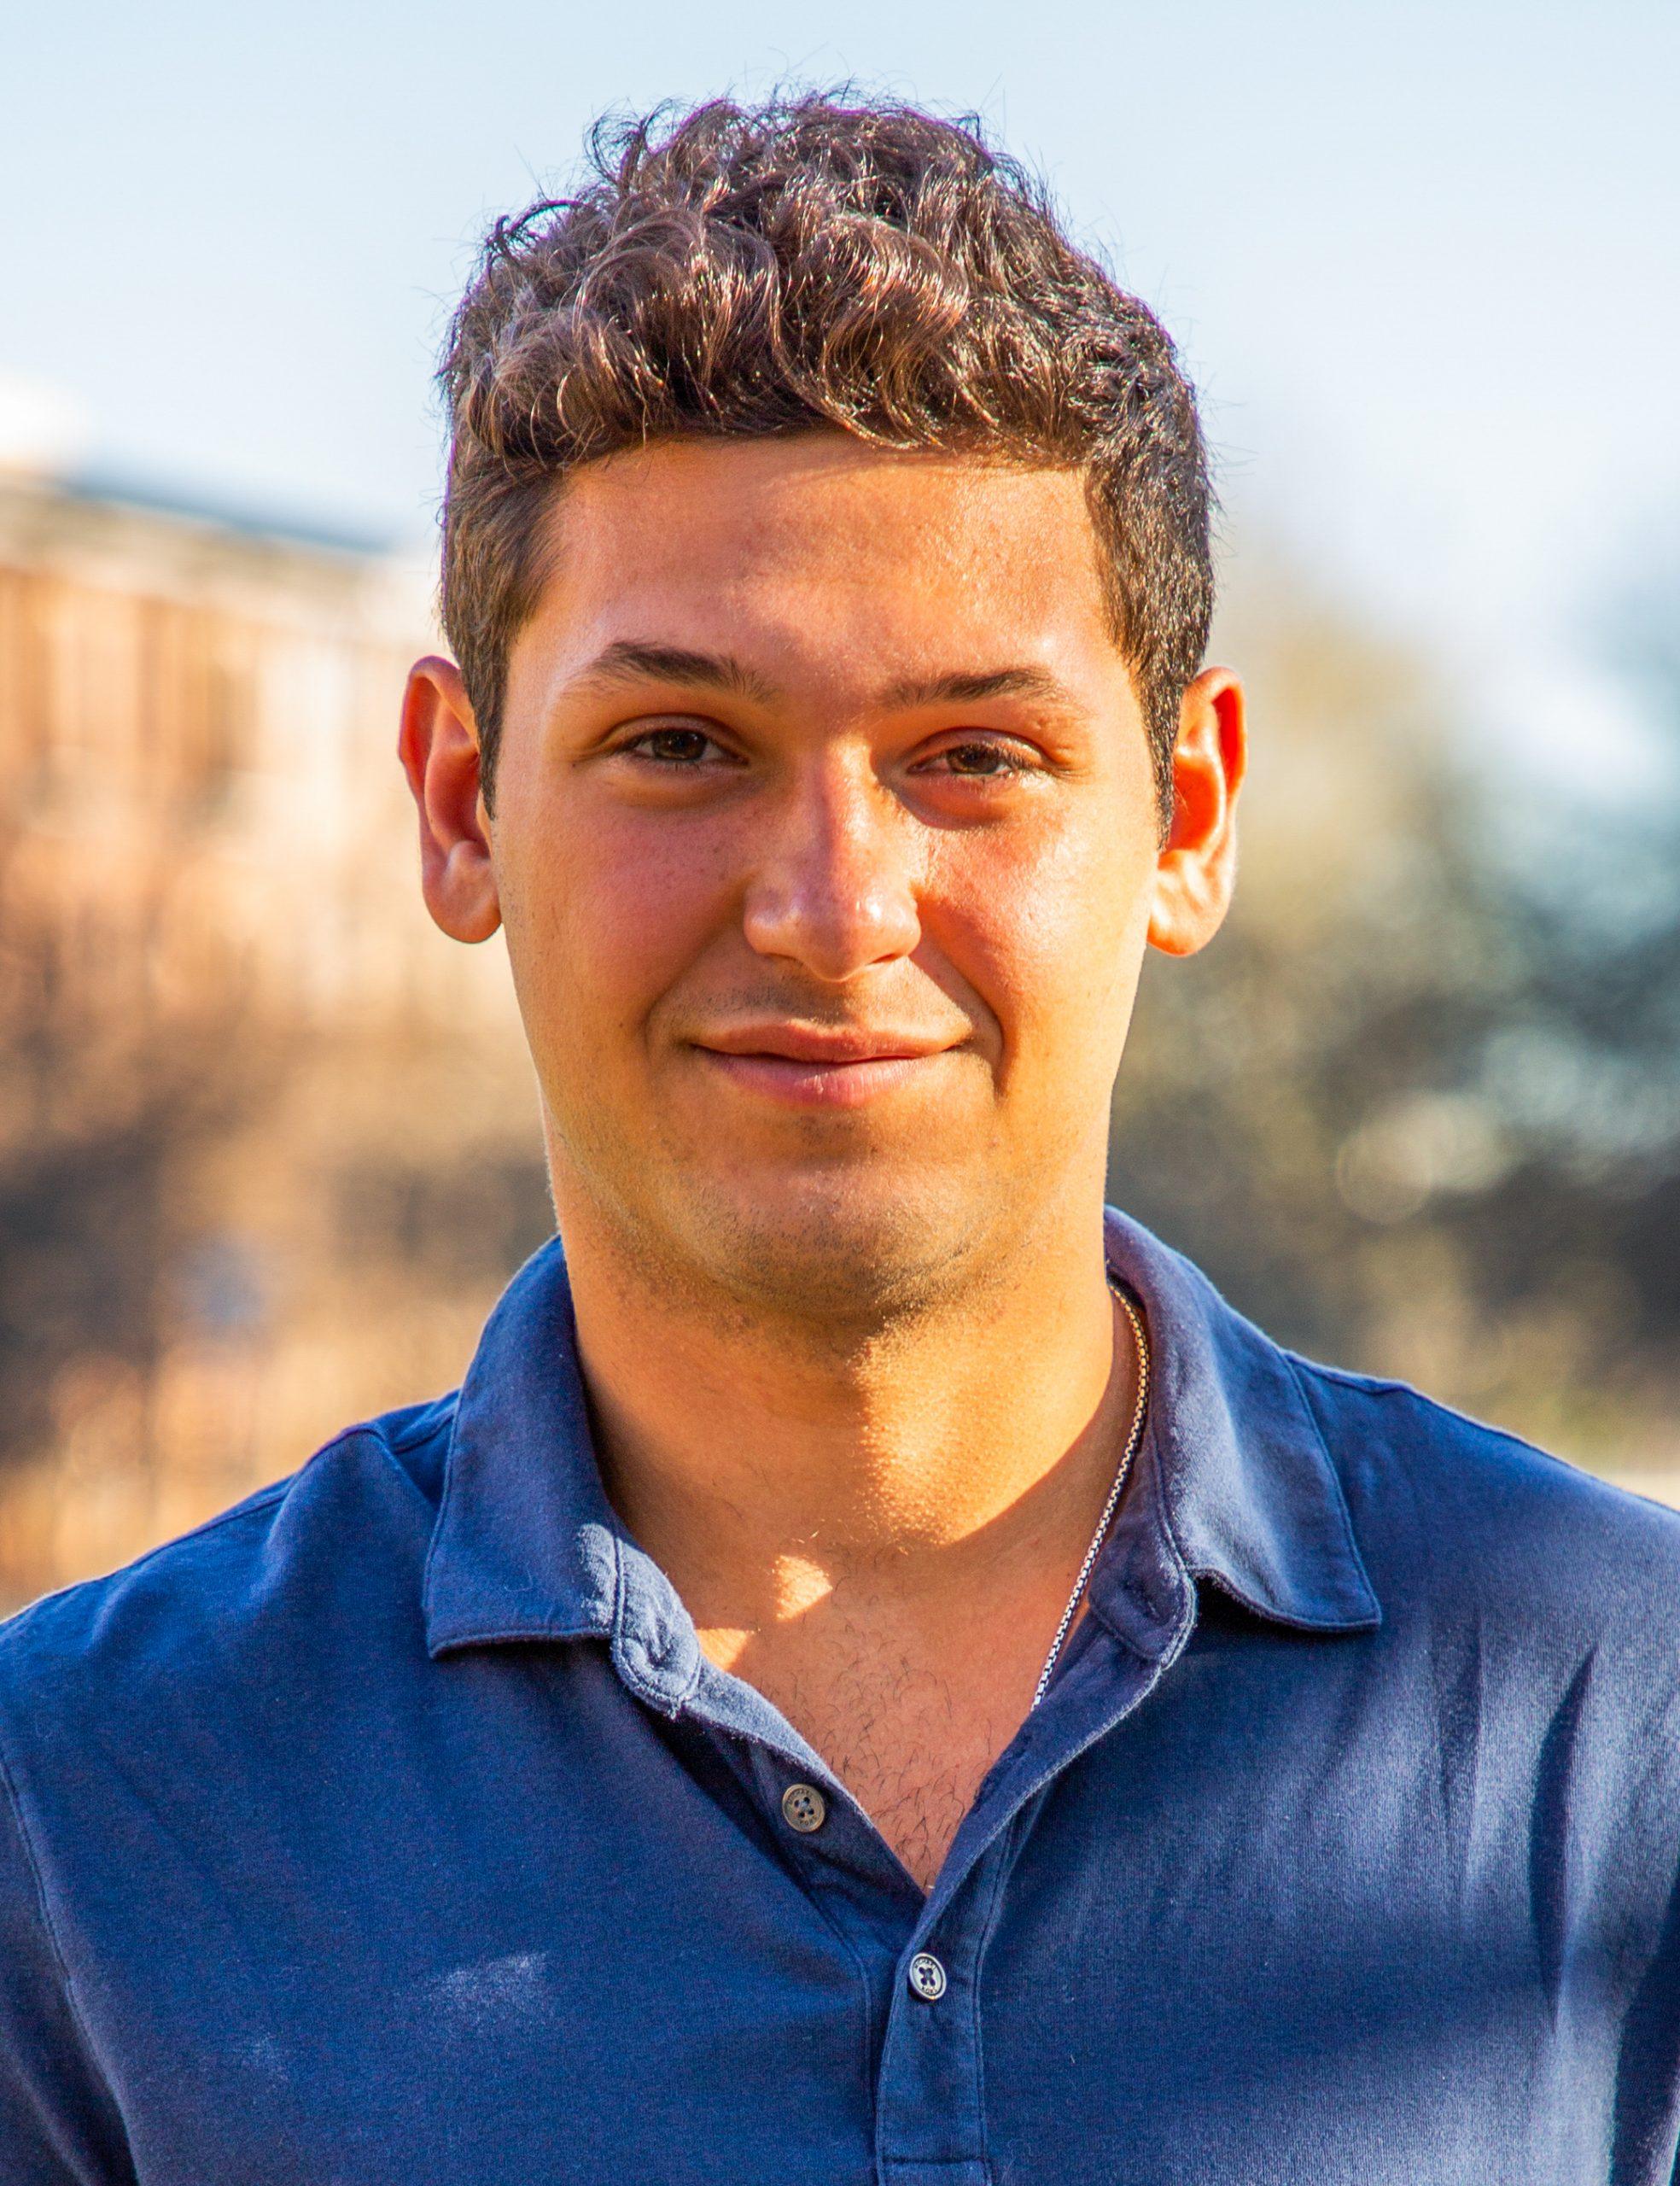 Jake Benalloul